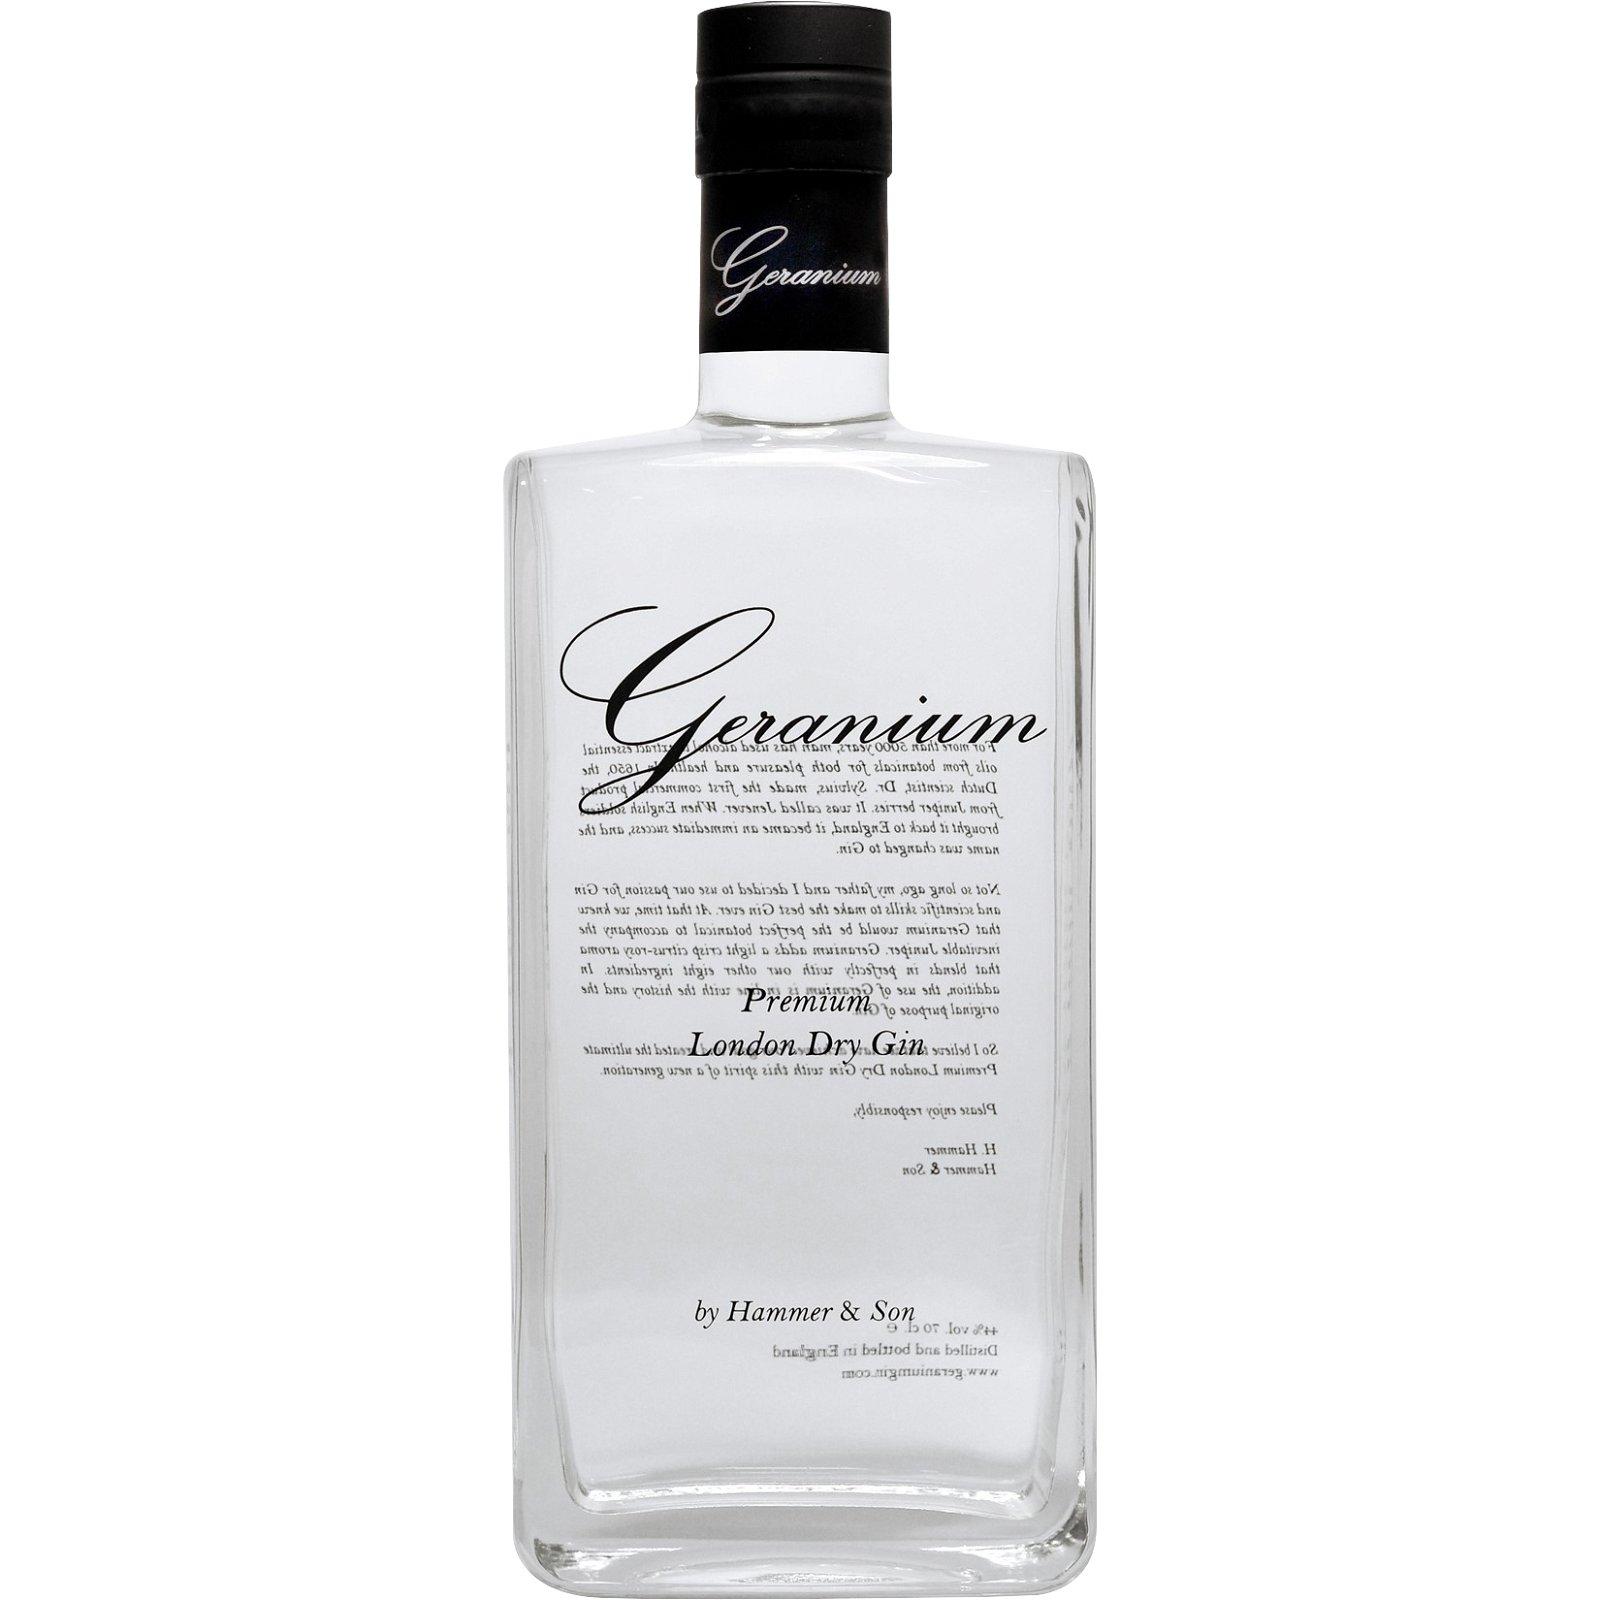 Geranium Premium London Dry Gin 44%